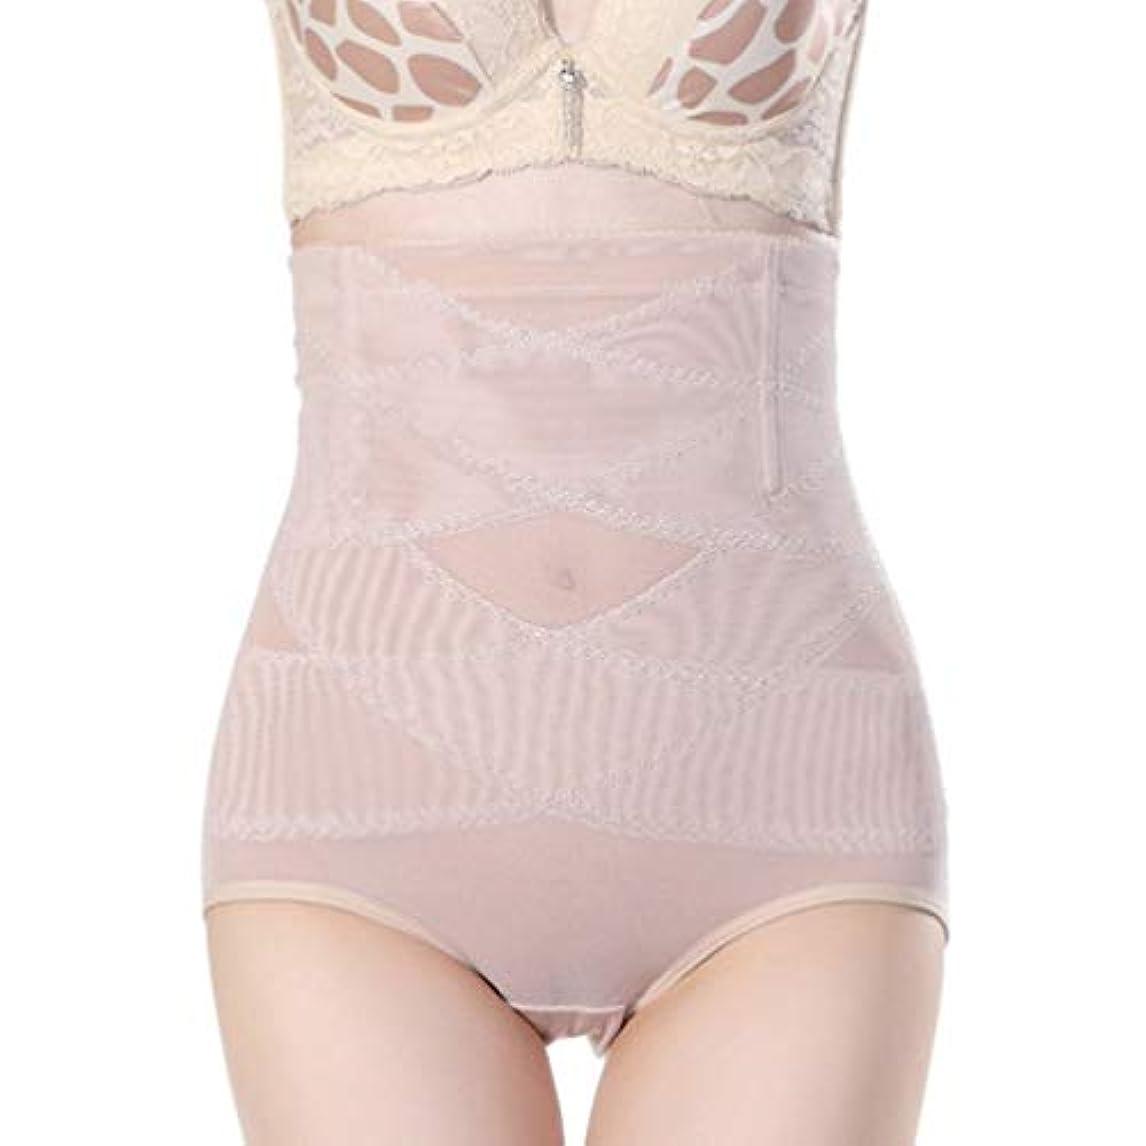 ヤング確かに記述する腹部制御下着シームレスおなかコントロールパンティーバットリフターボディシェイパーを痩身通気性のハイウエストの女性 - 肌色3 XL